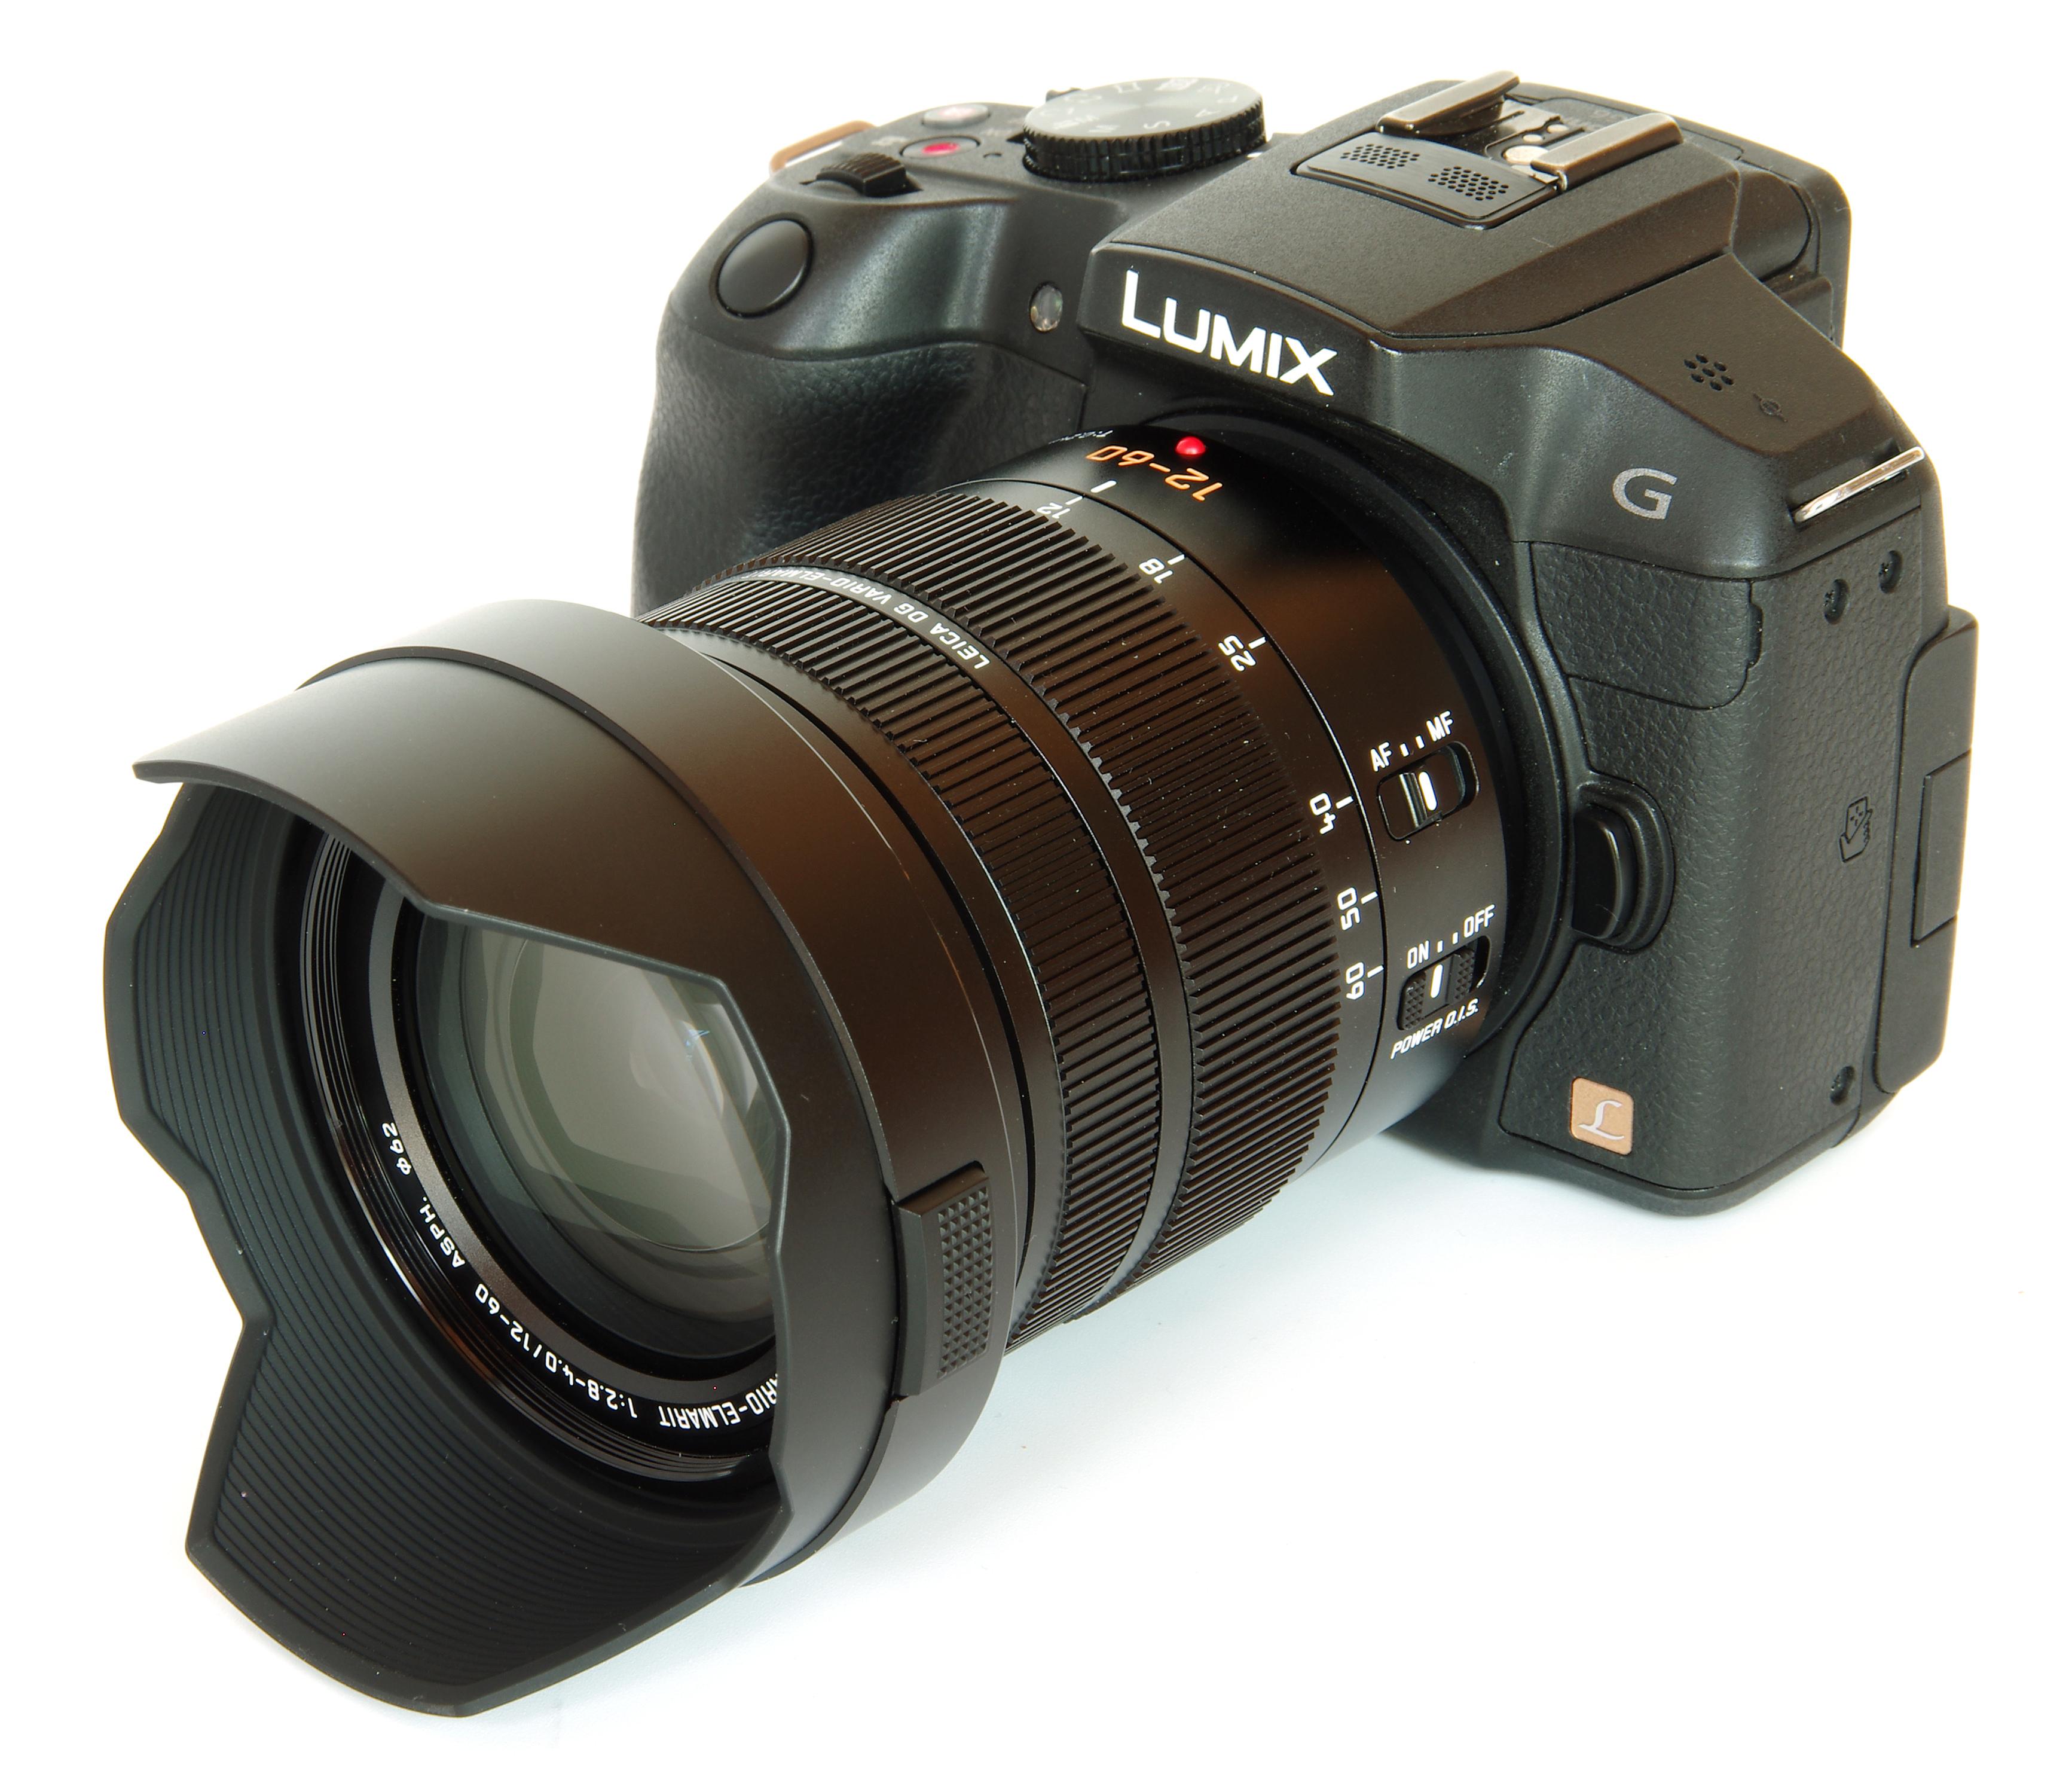 Leica DG Vario-Elmarit 12-60mm f/2 8-4 0 ASPH Review | ePHOTOzine